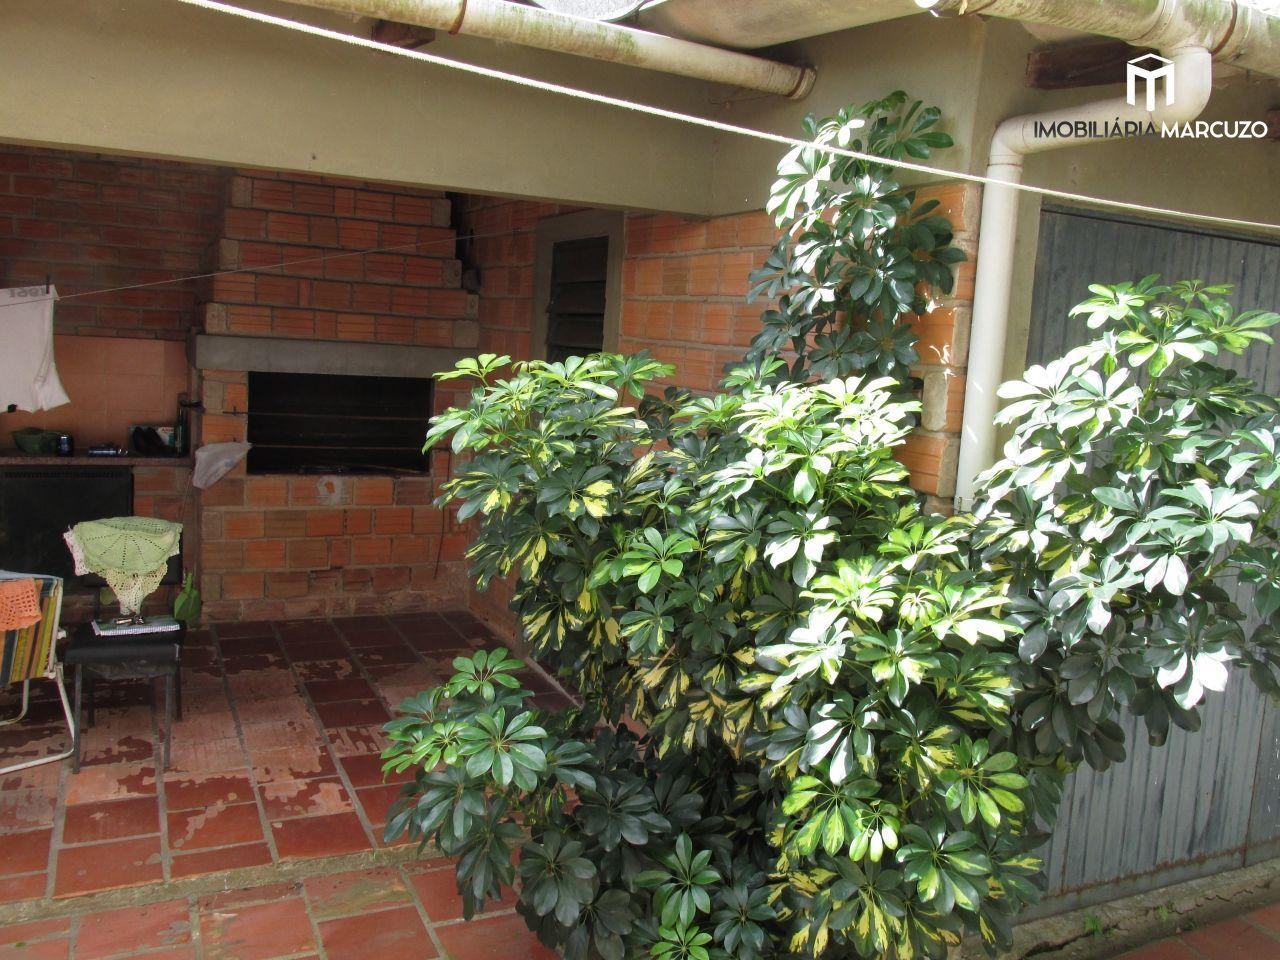 Casa com 4 Dormitórios à venda, 130 m² por R$ 380.000,00